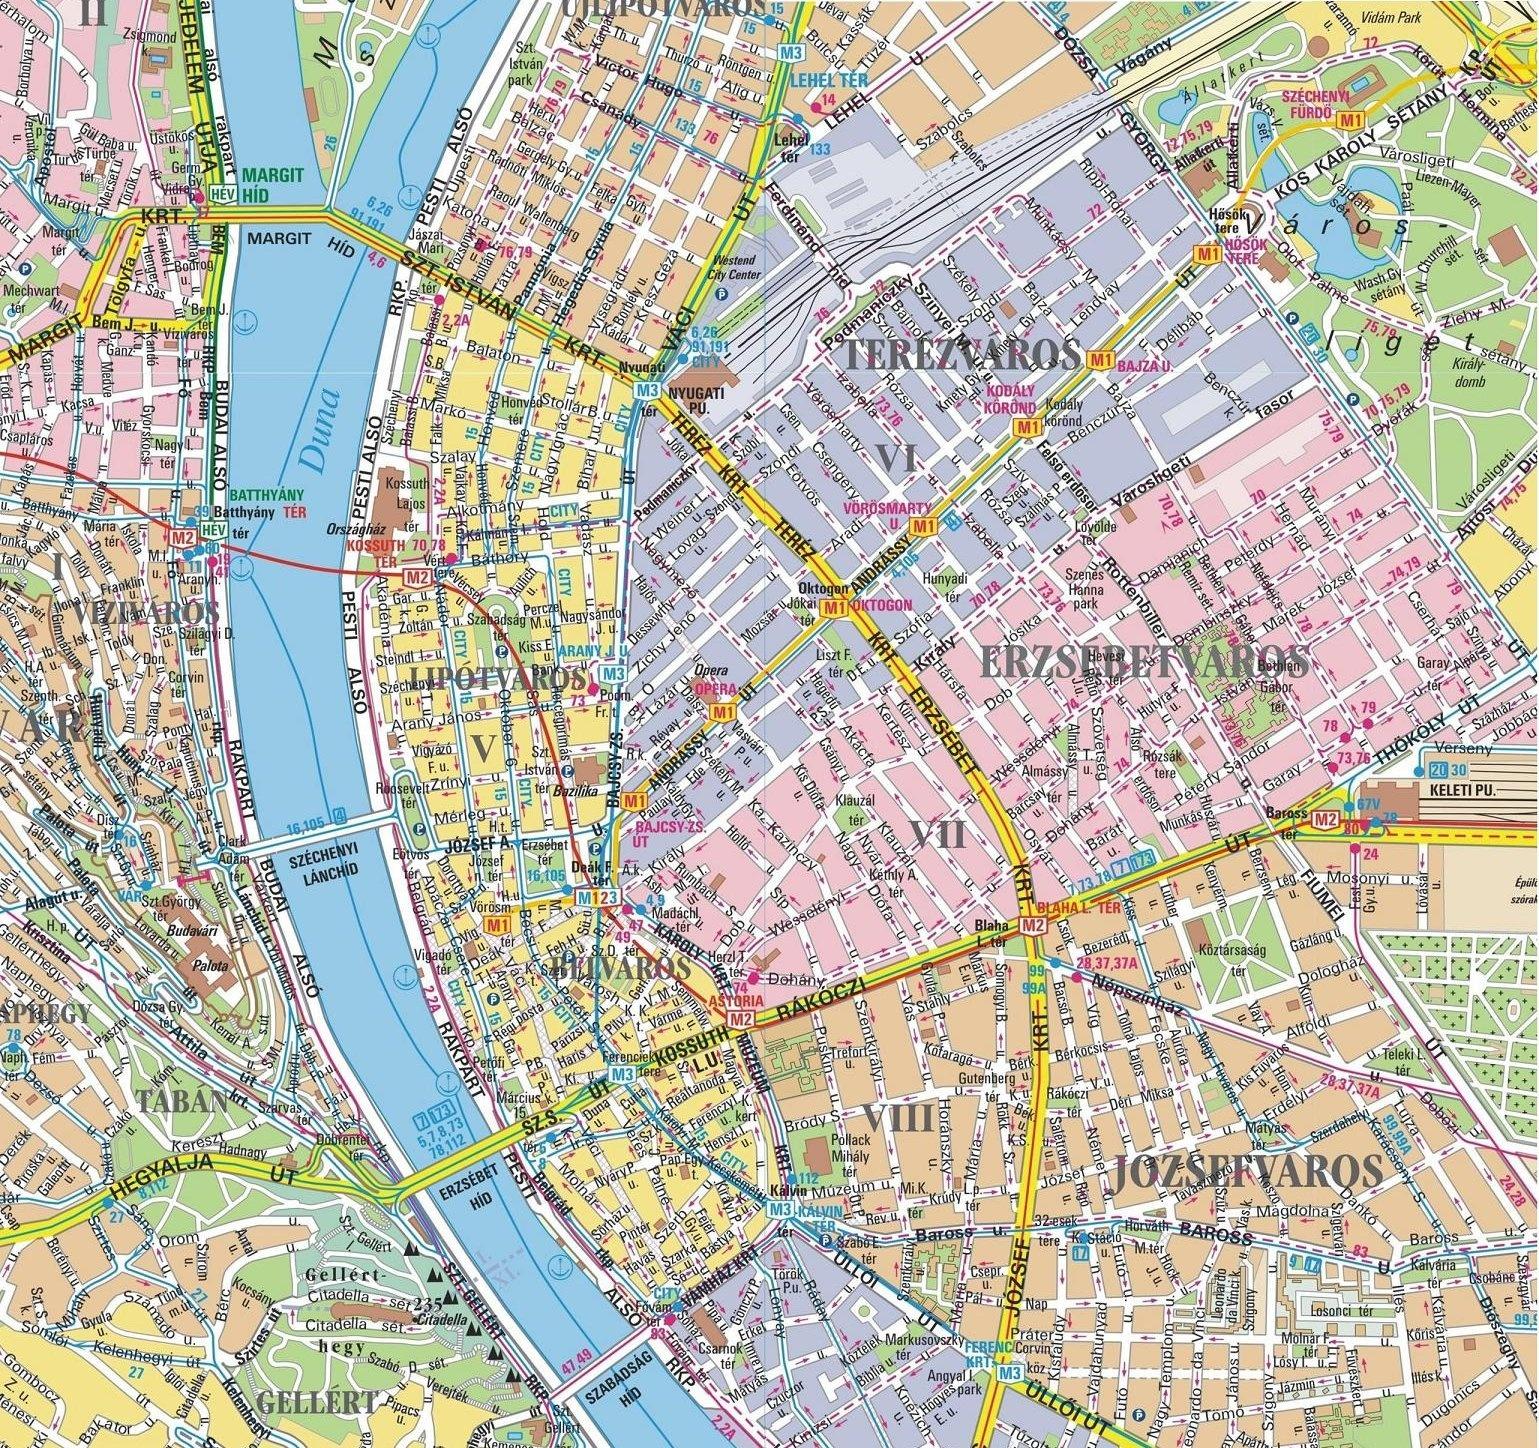 mapa budapeste centro mapa: Budapeste mapa budapeste centro